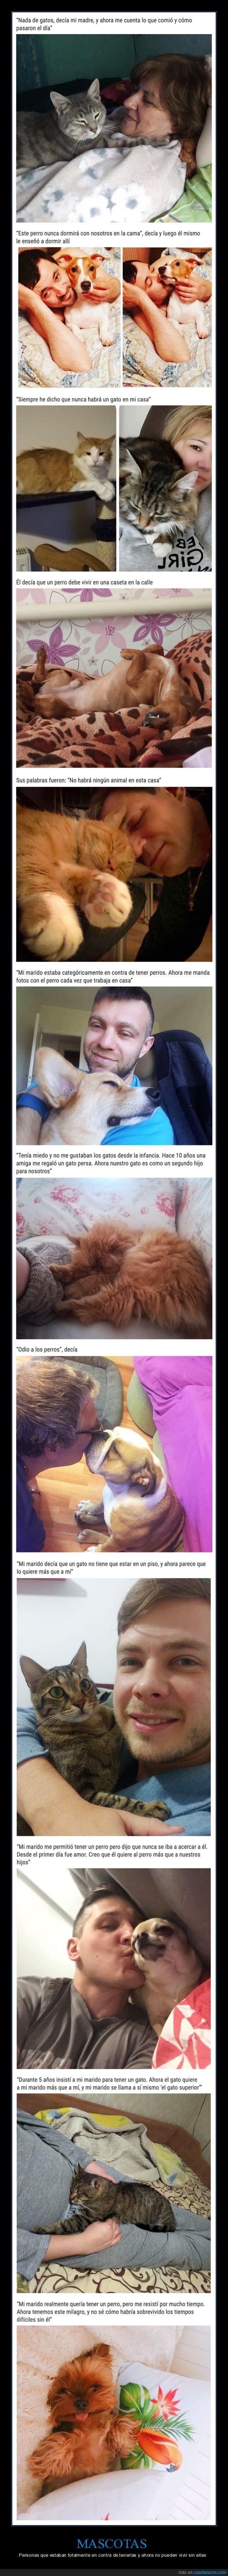 en contra,gatos,mascotas,perros